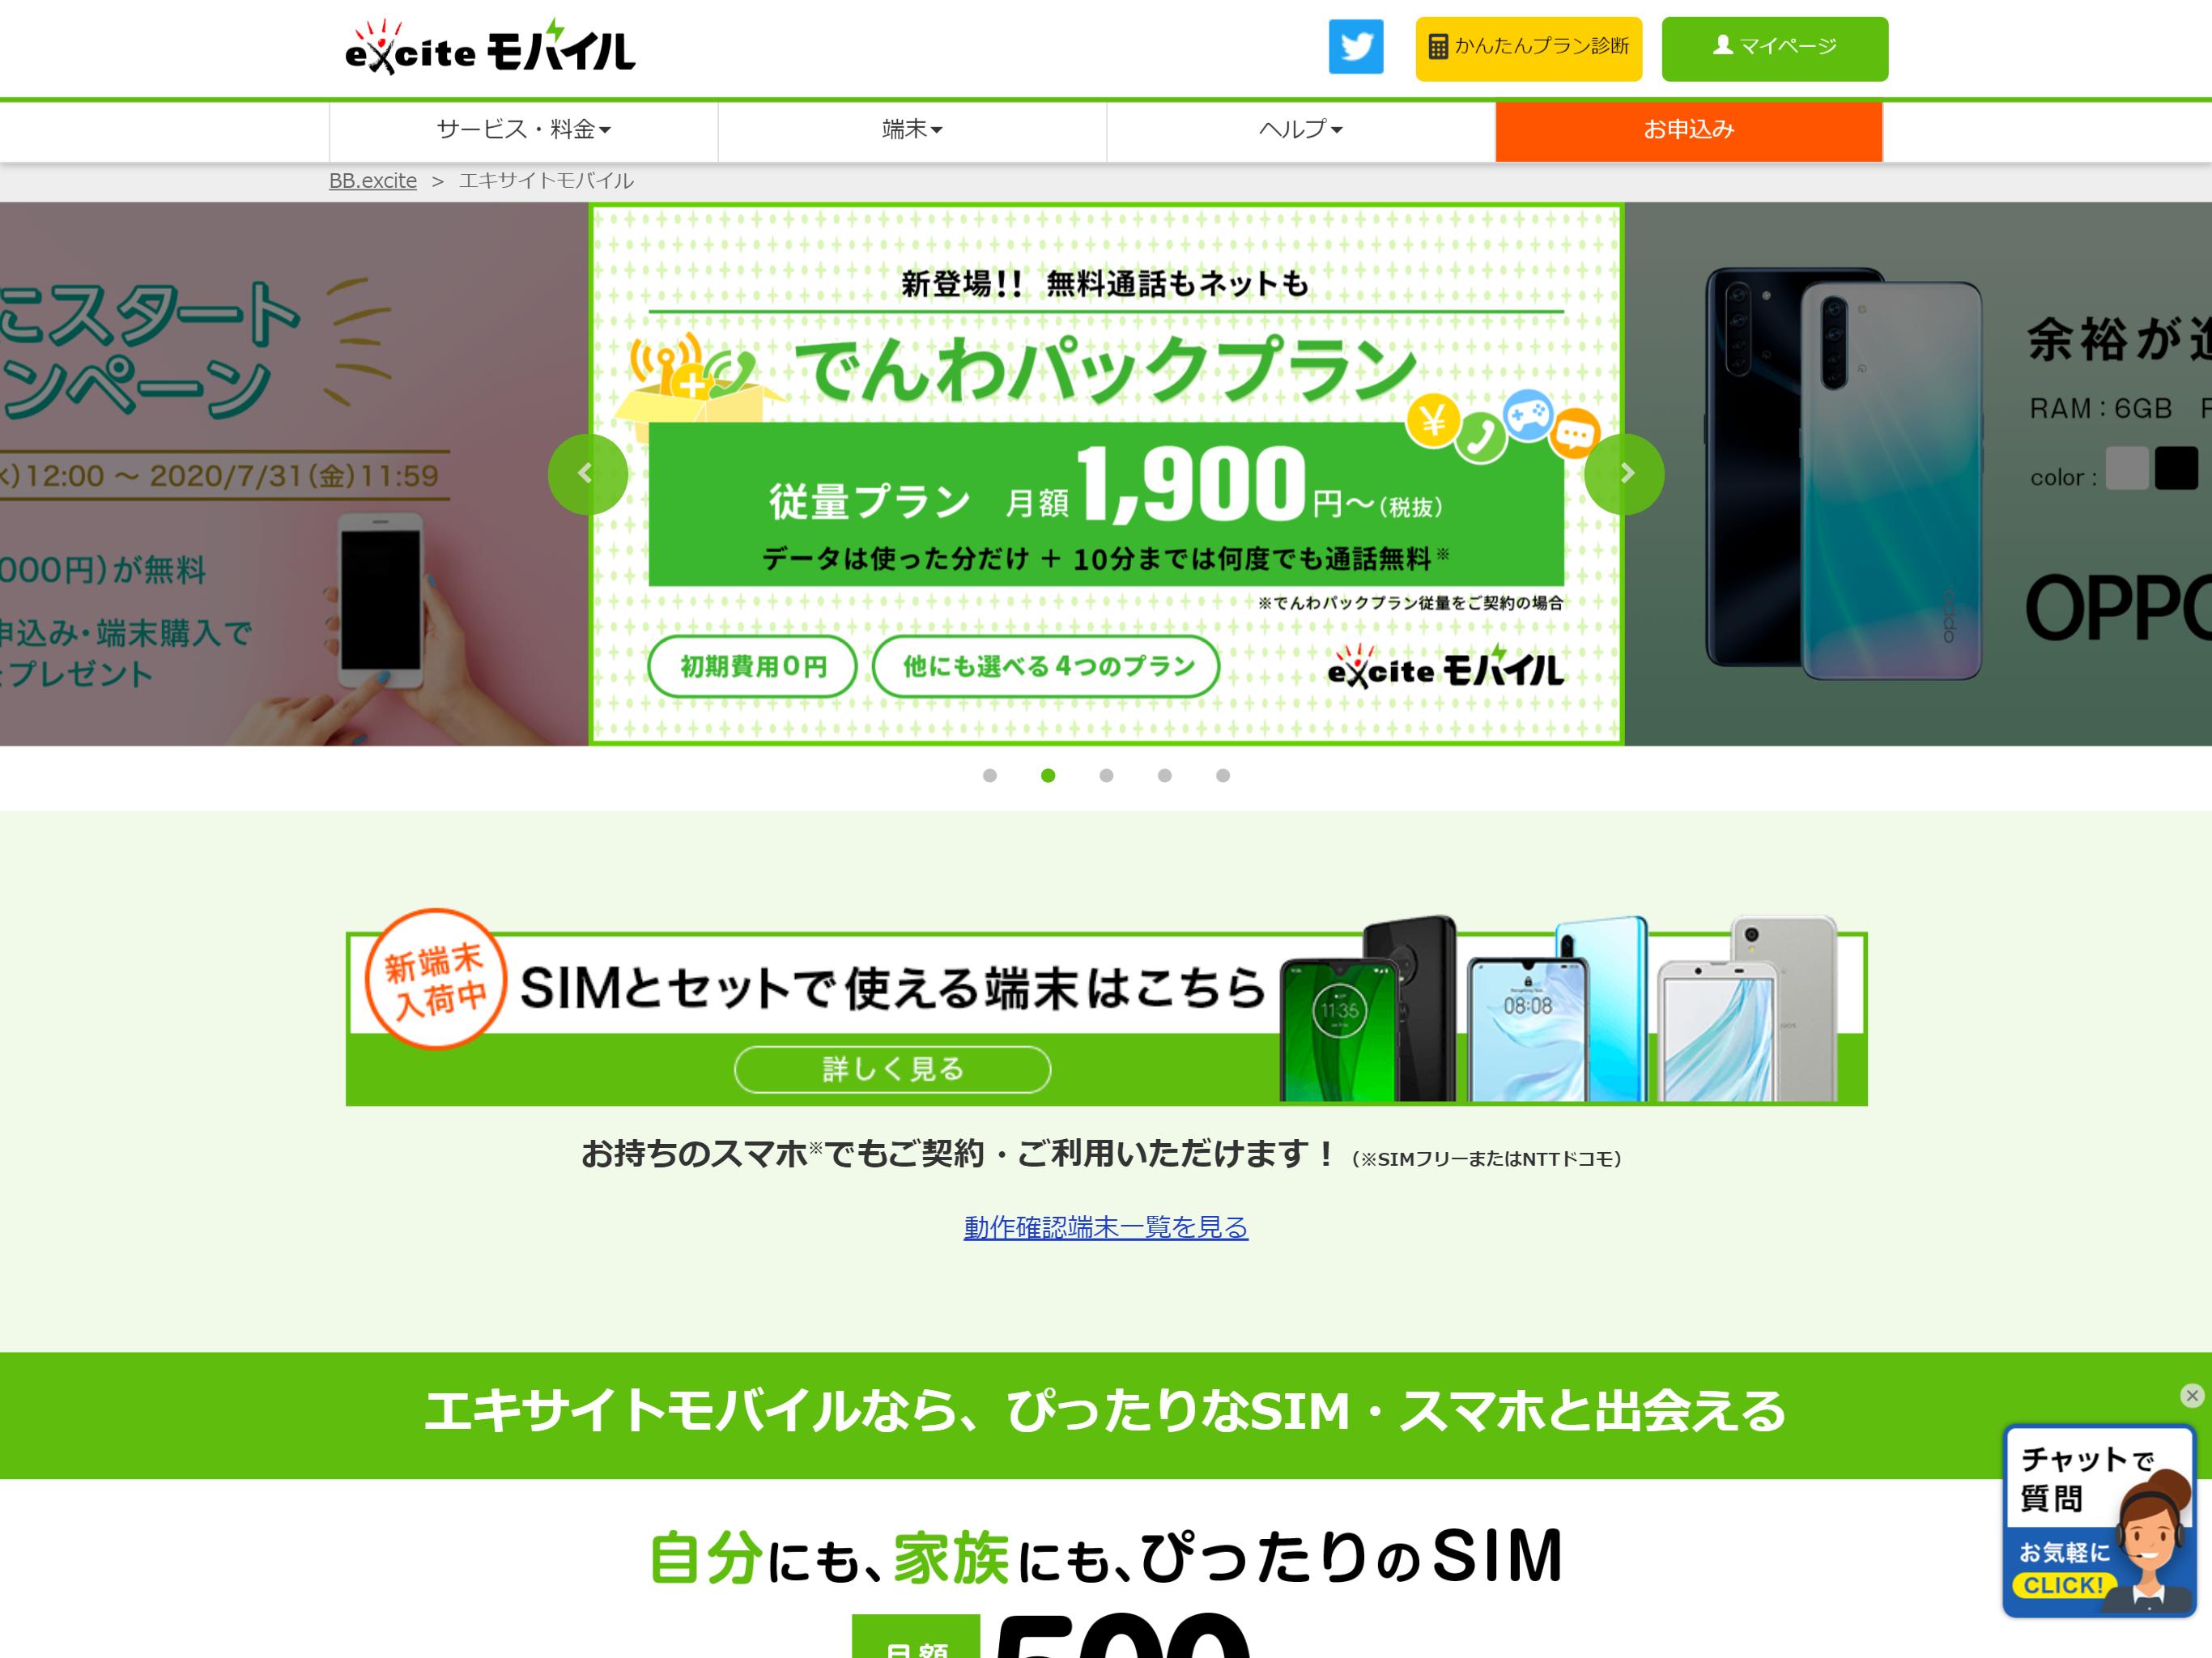 格安SIM_エキサイトモバイル